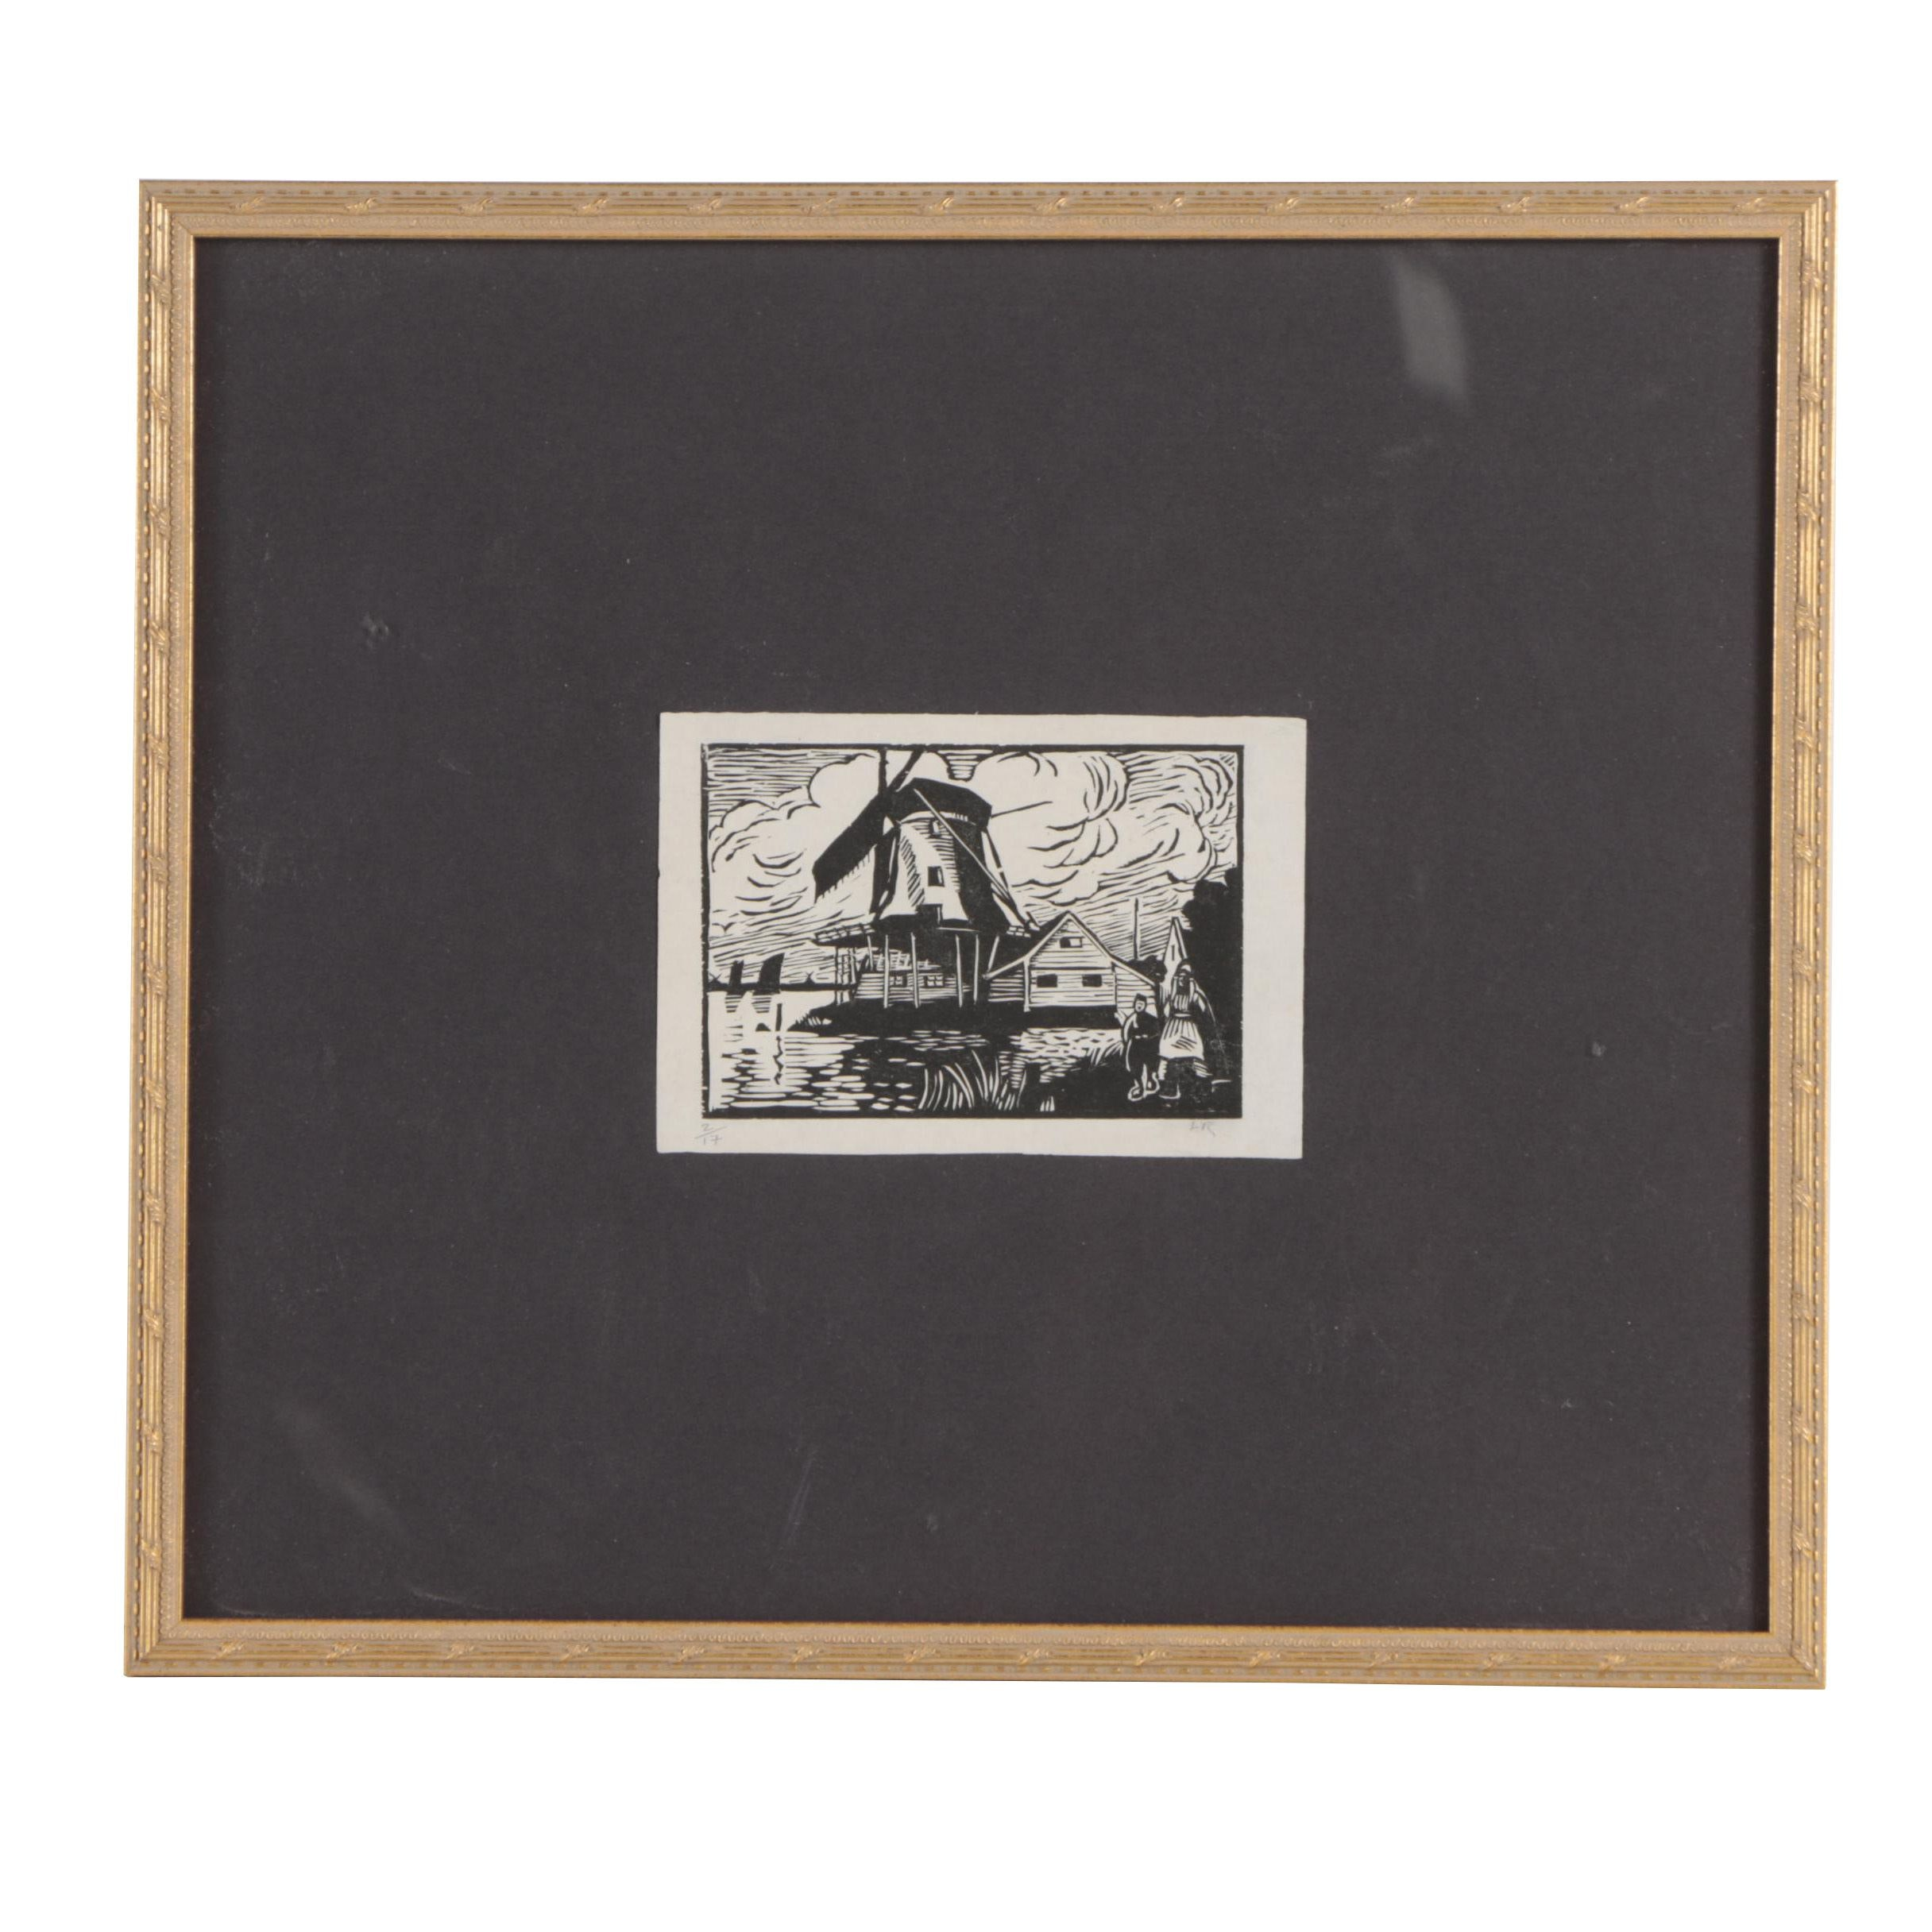 Ludovic-Rodo Pissarro Woodcut